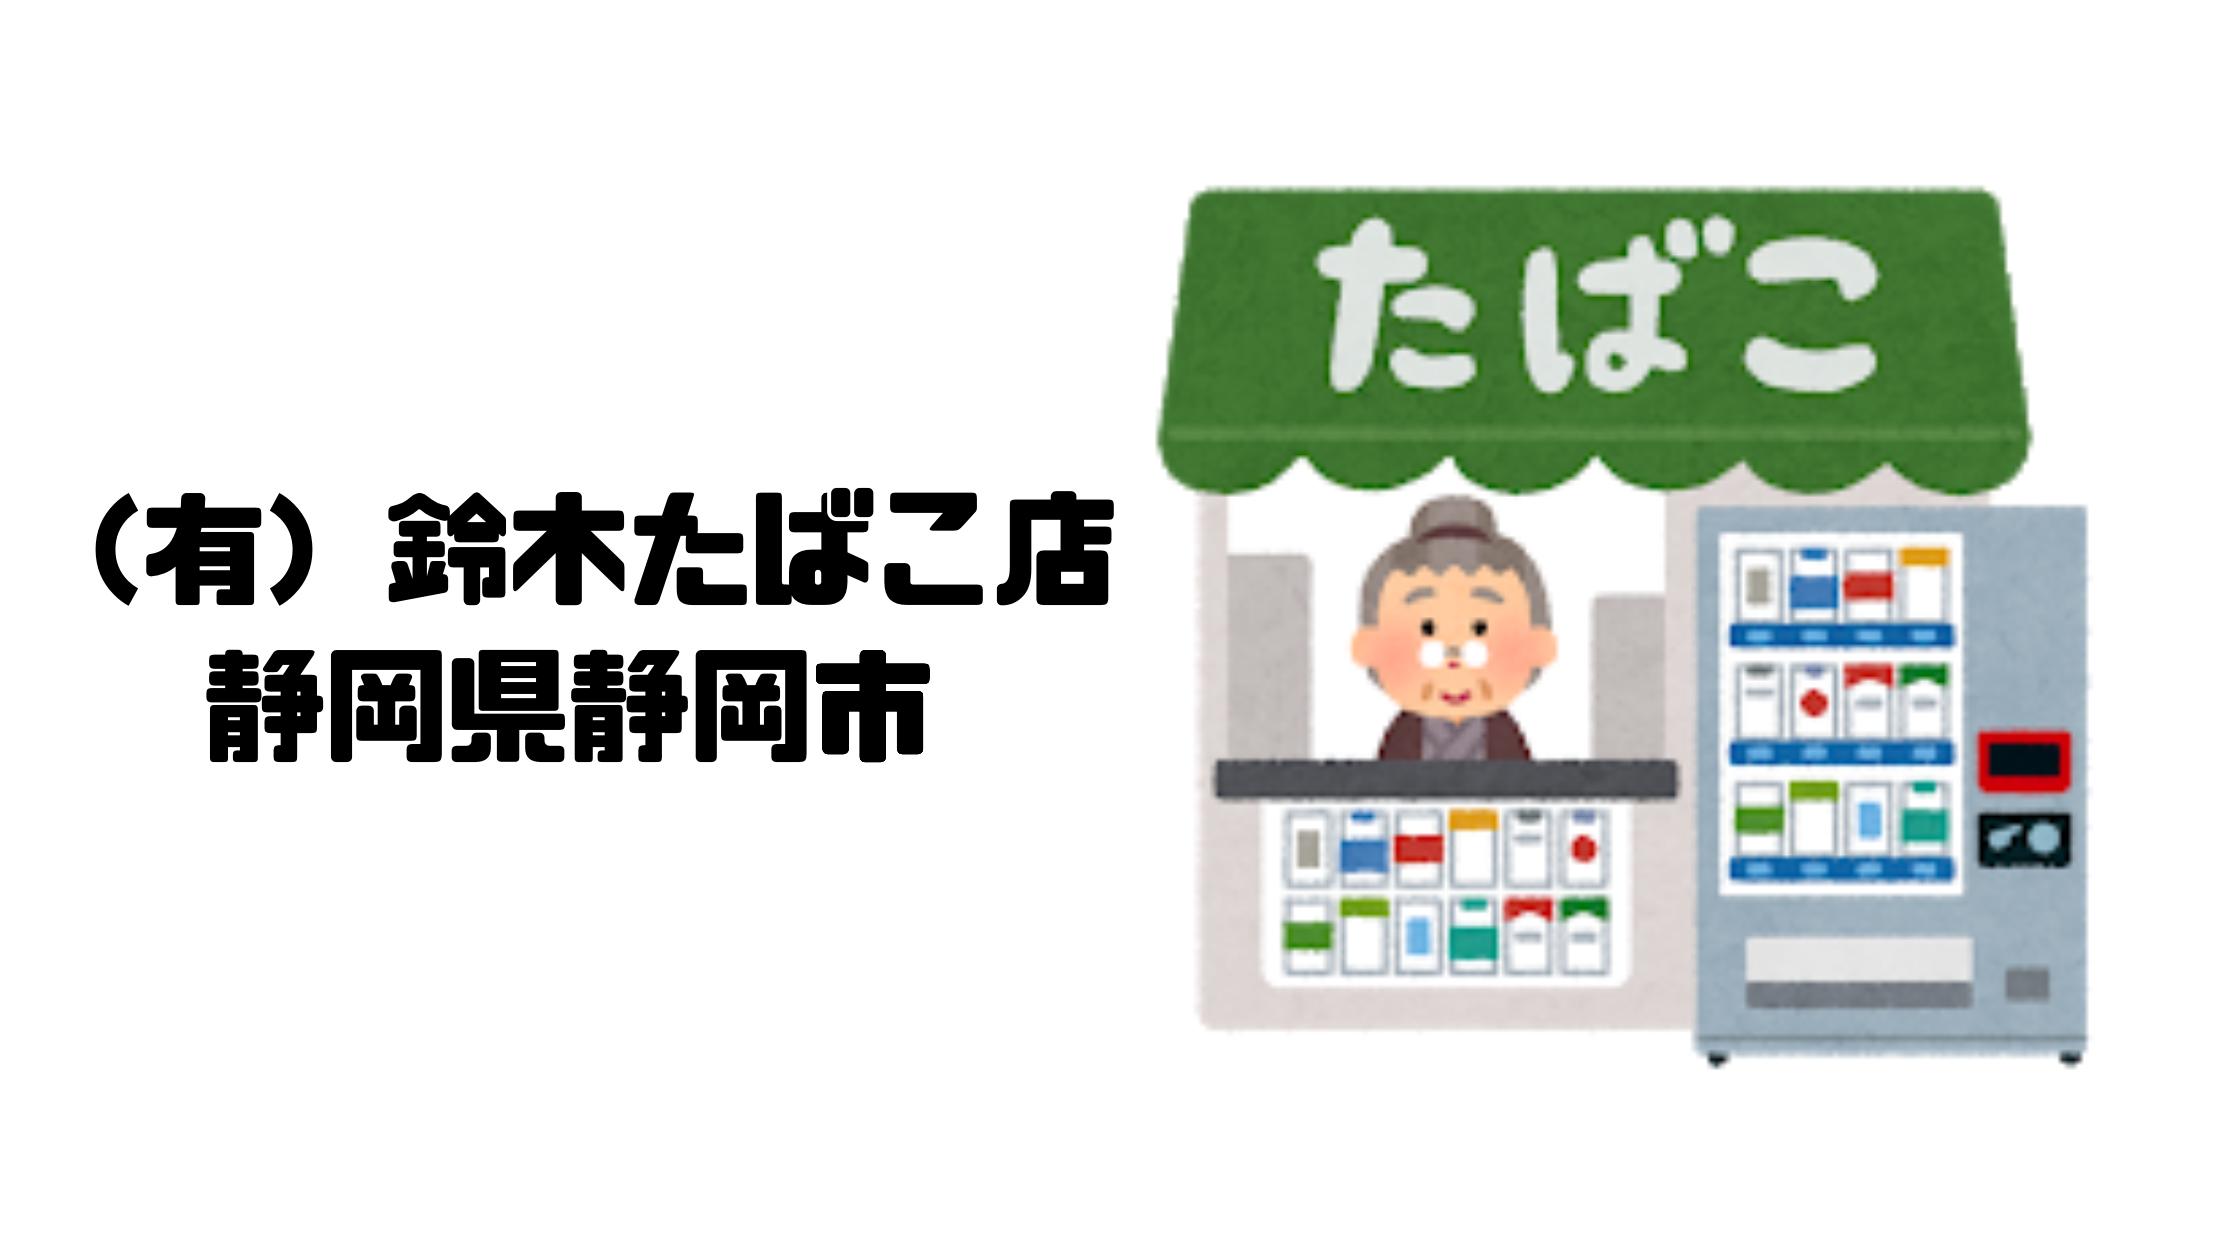 (有)鈴木たばこ店 静岡県静岡市 日本【チャンスセンター 金運スポット】